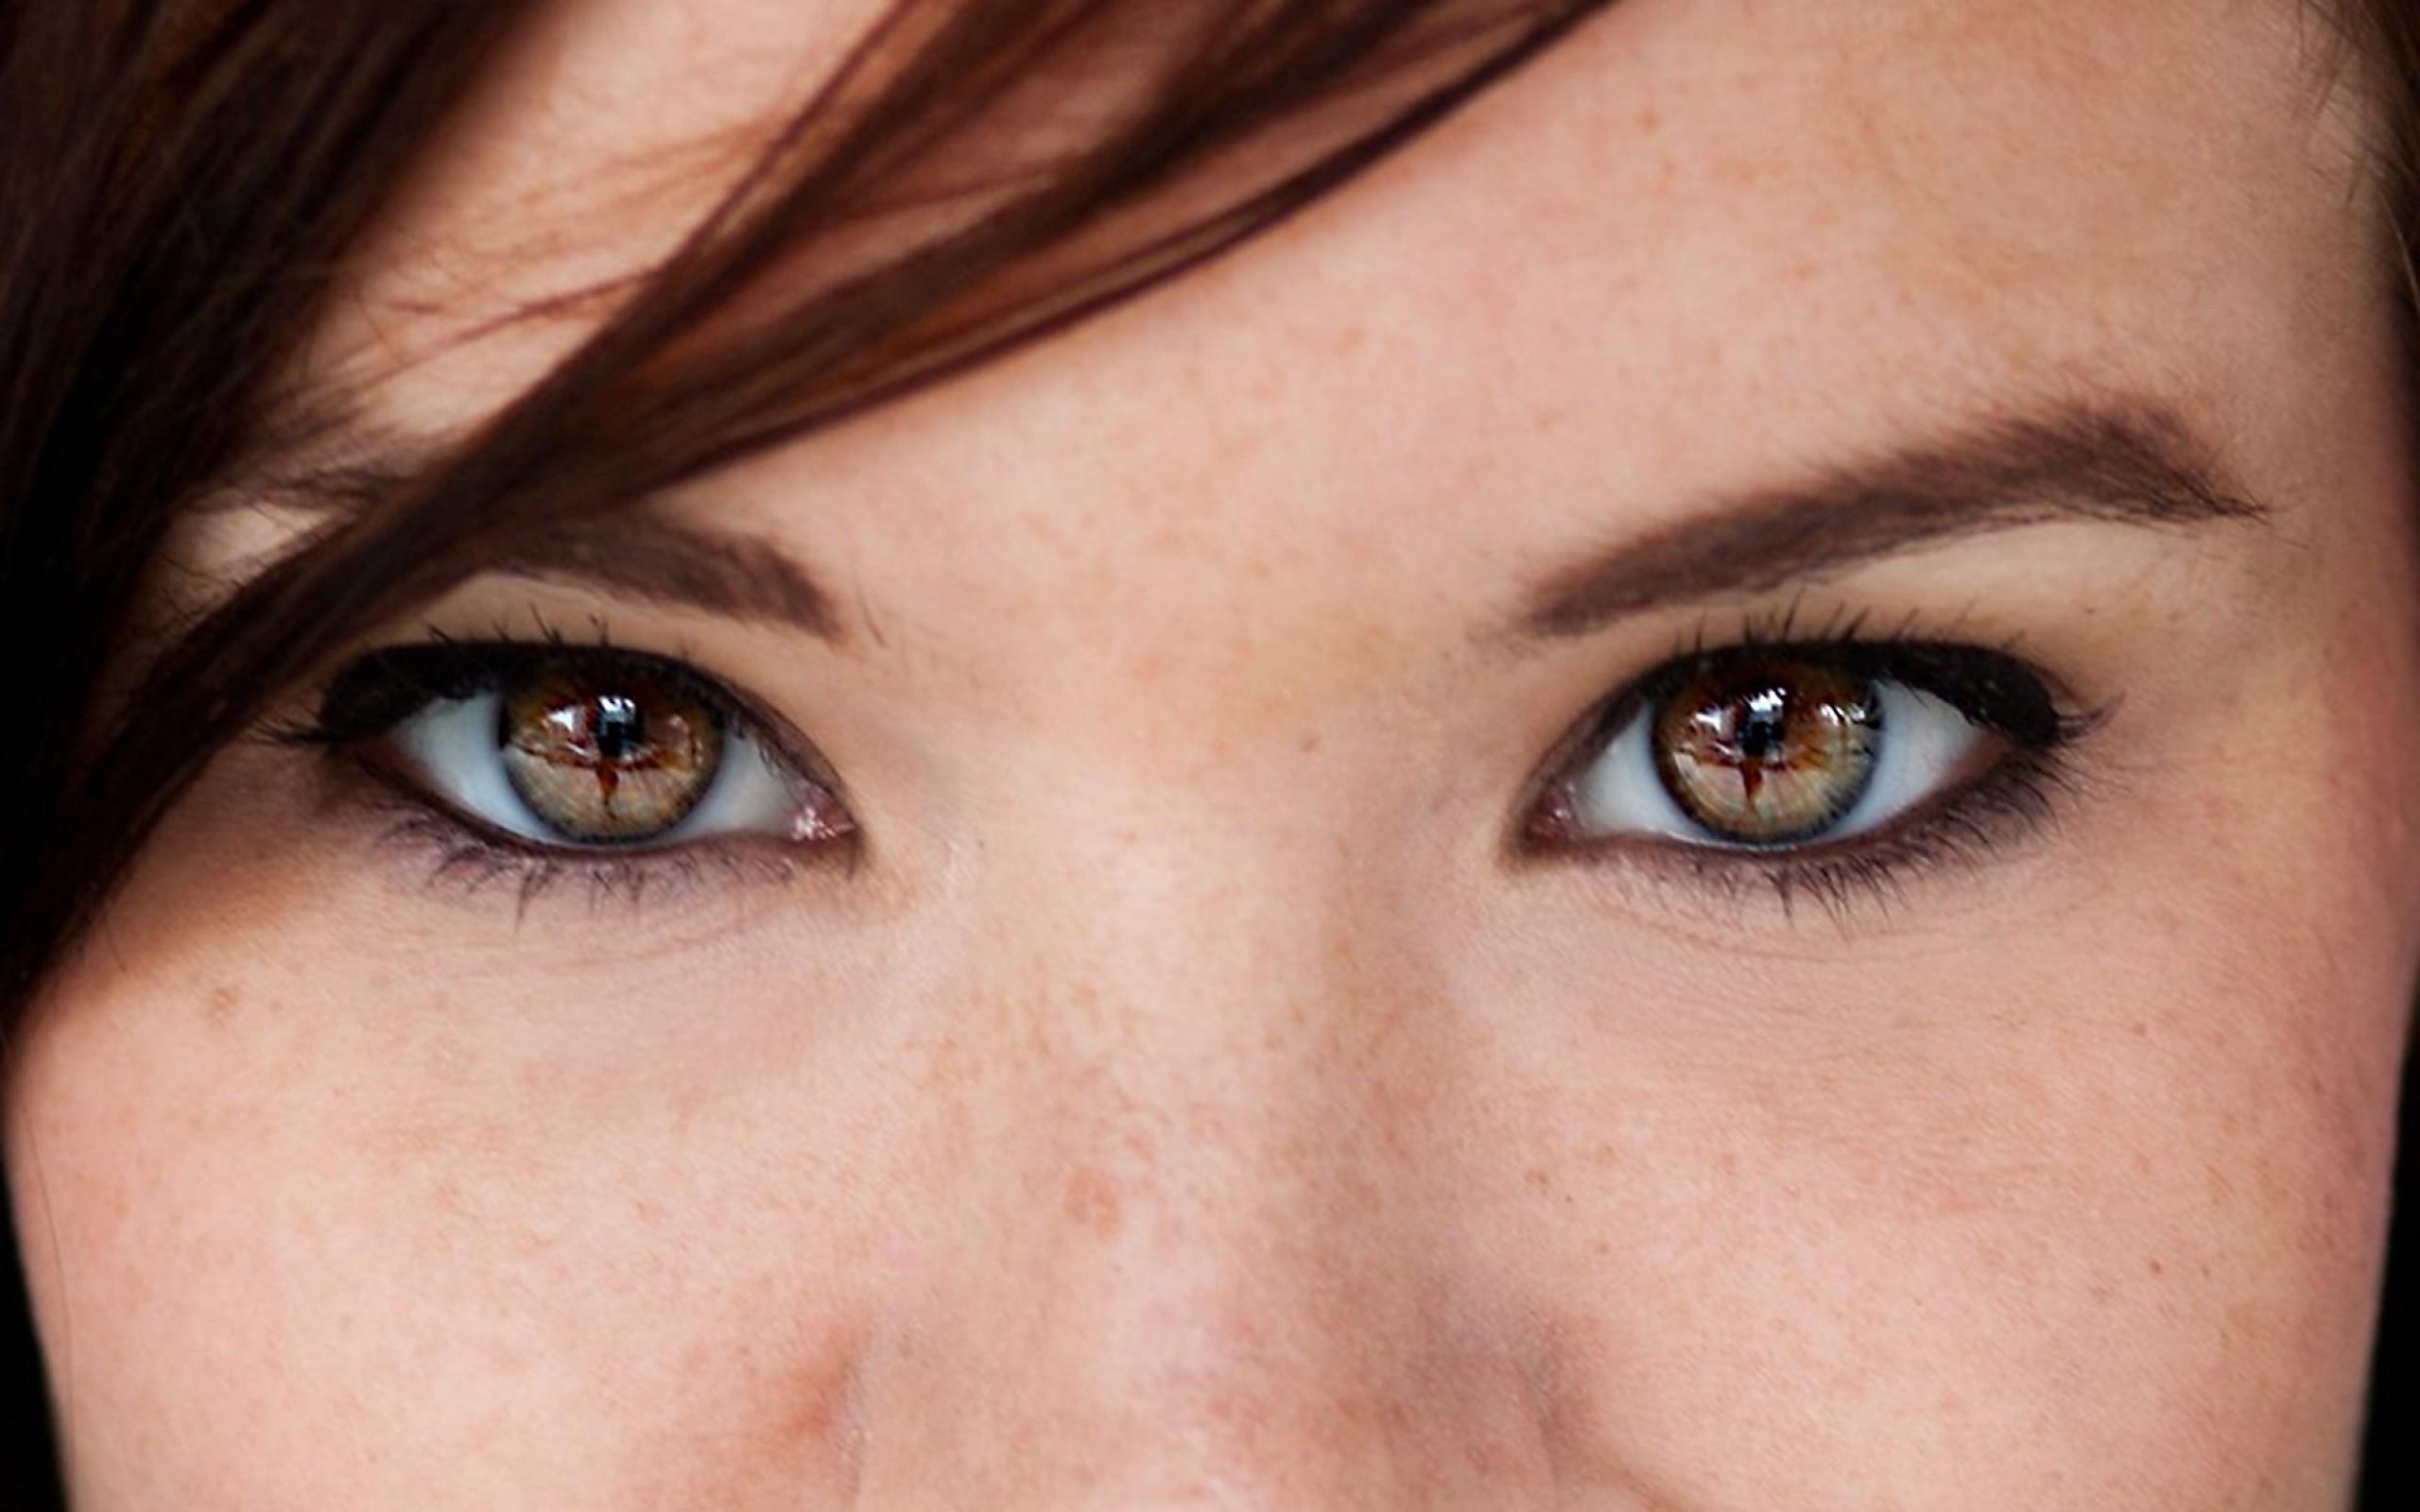 Los ojos alertan de nuestro estado de salud